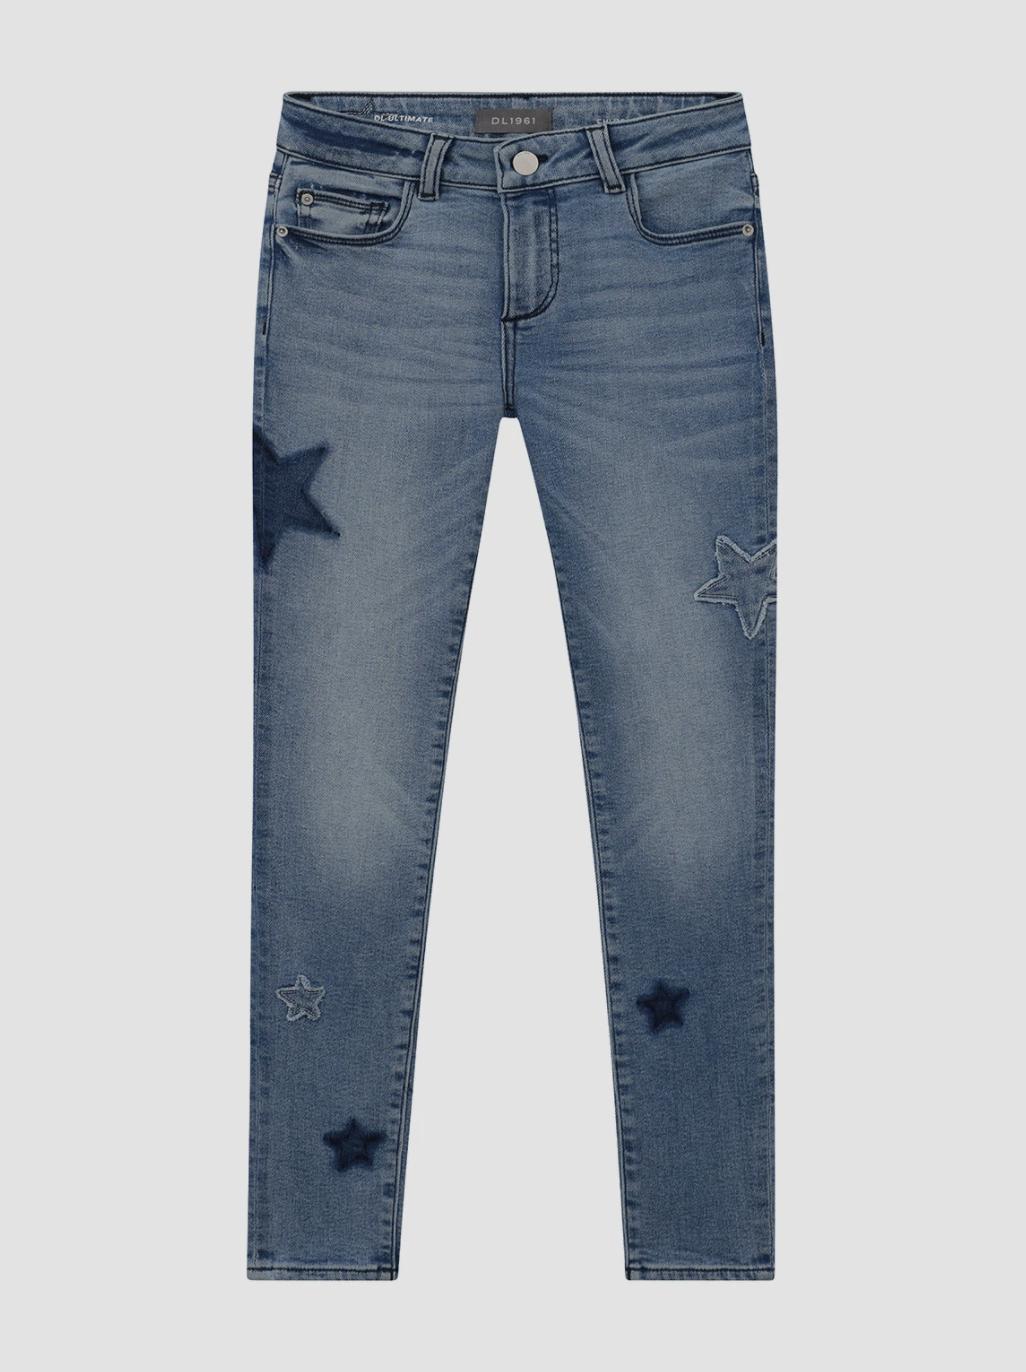 DL1961 Denim Chole Skinny - Cloud Star